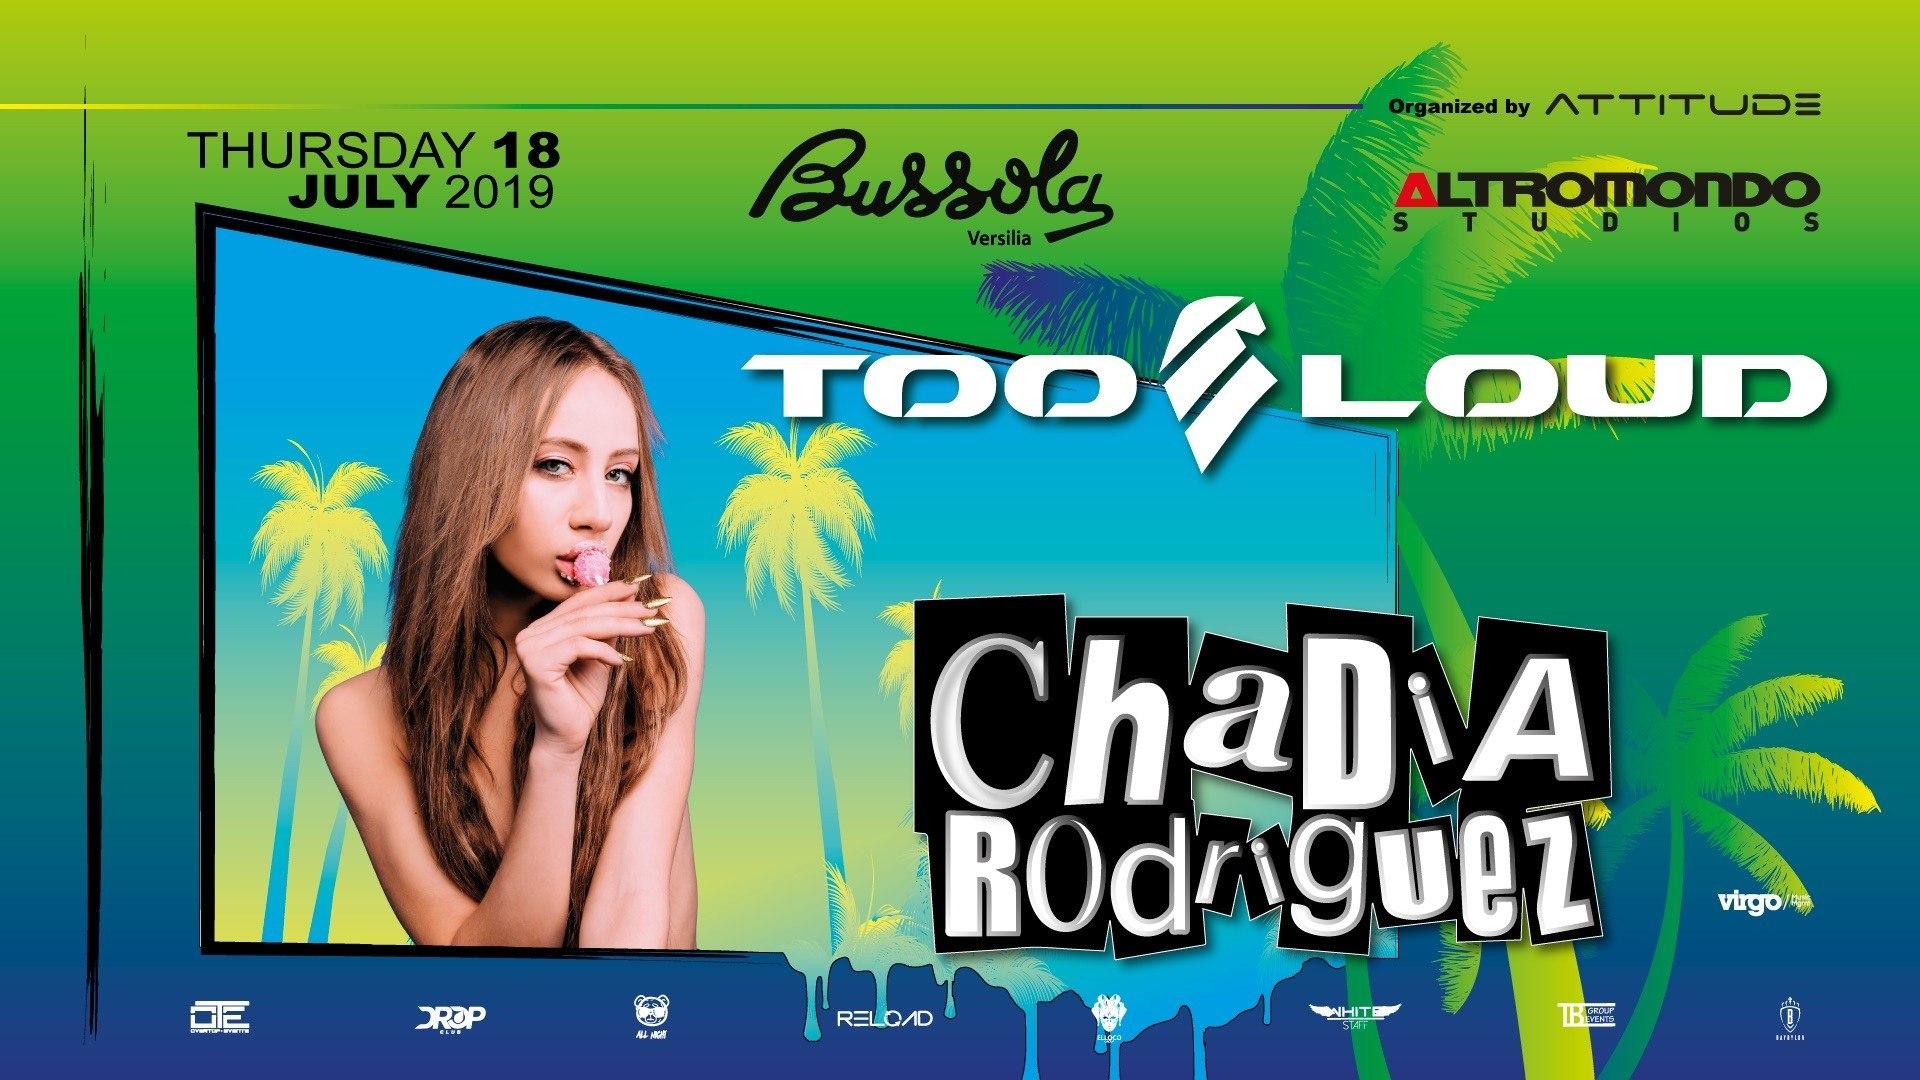 Bussola Versilia pres Chadia Rodriguez – Giovedì 18 Luglio 2019 – Ticket – Biglietti 18App e Pacchetti Hotel